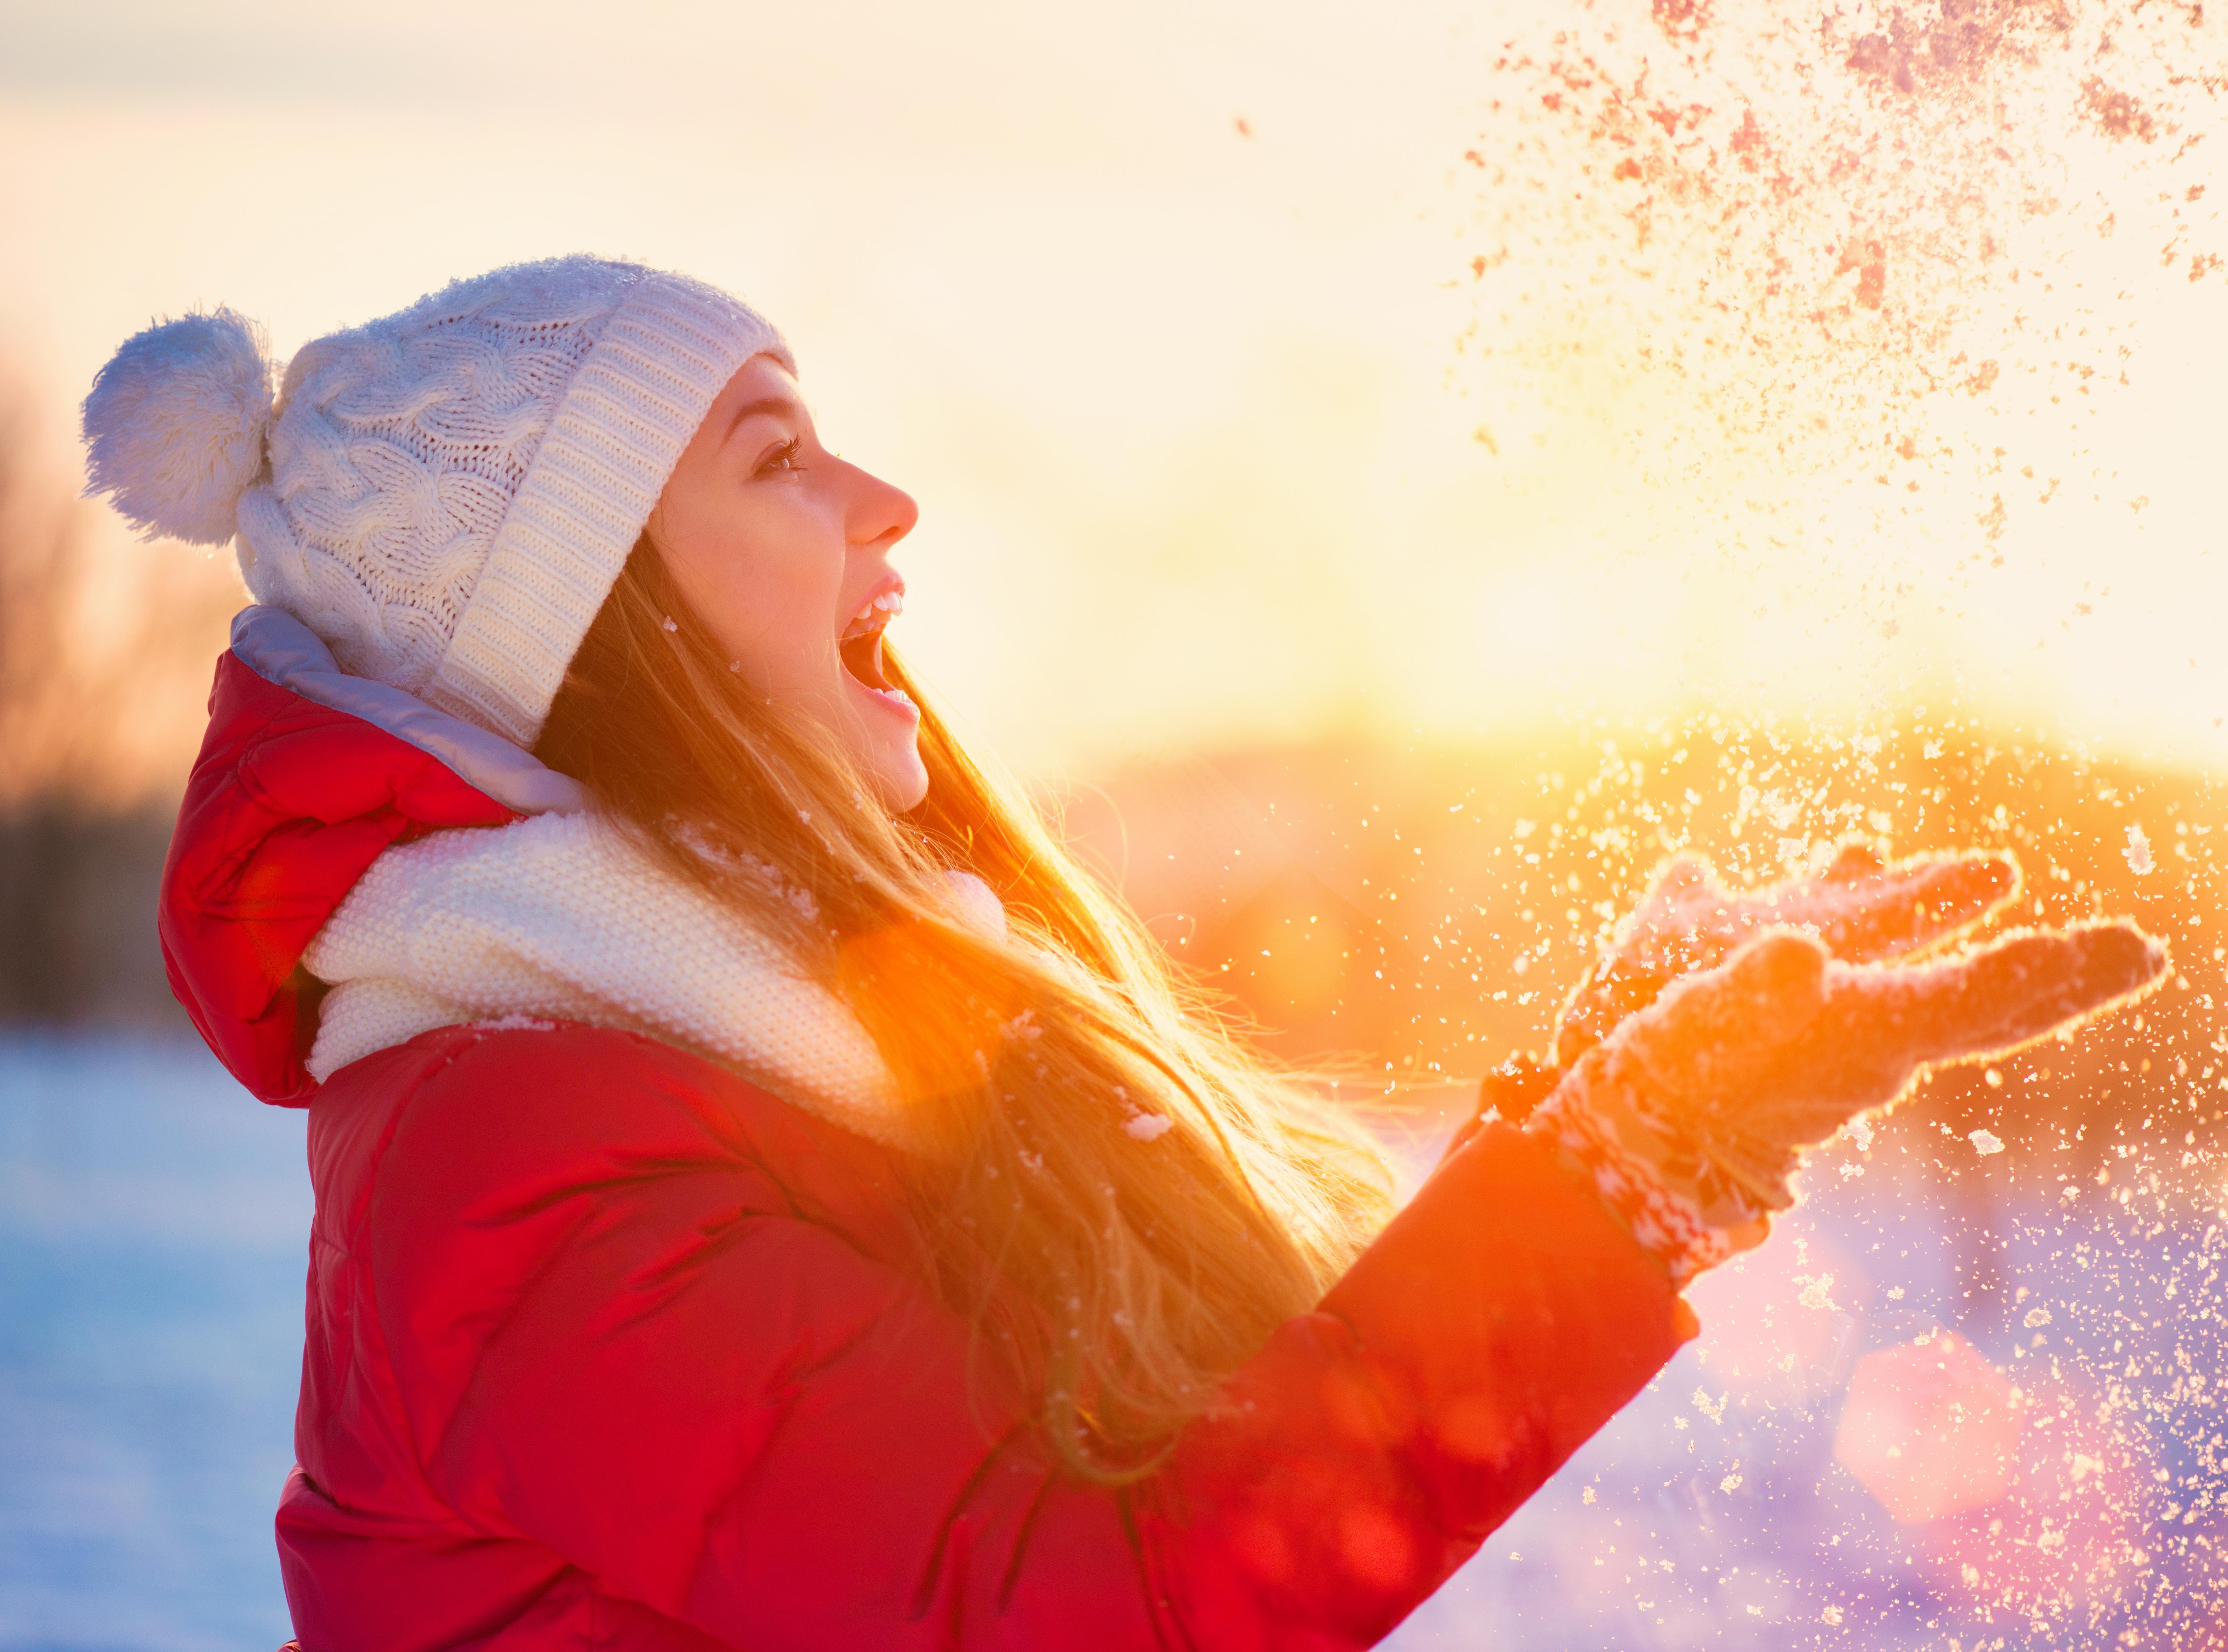 Positiver pour être heureux